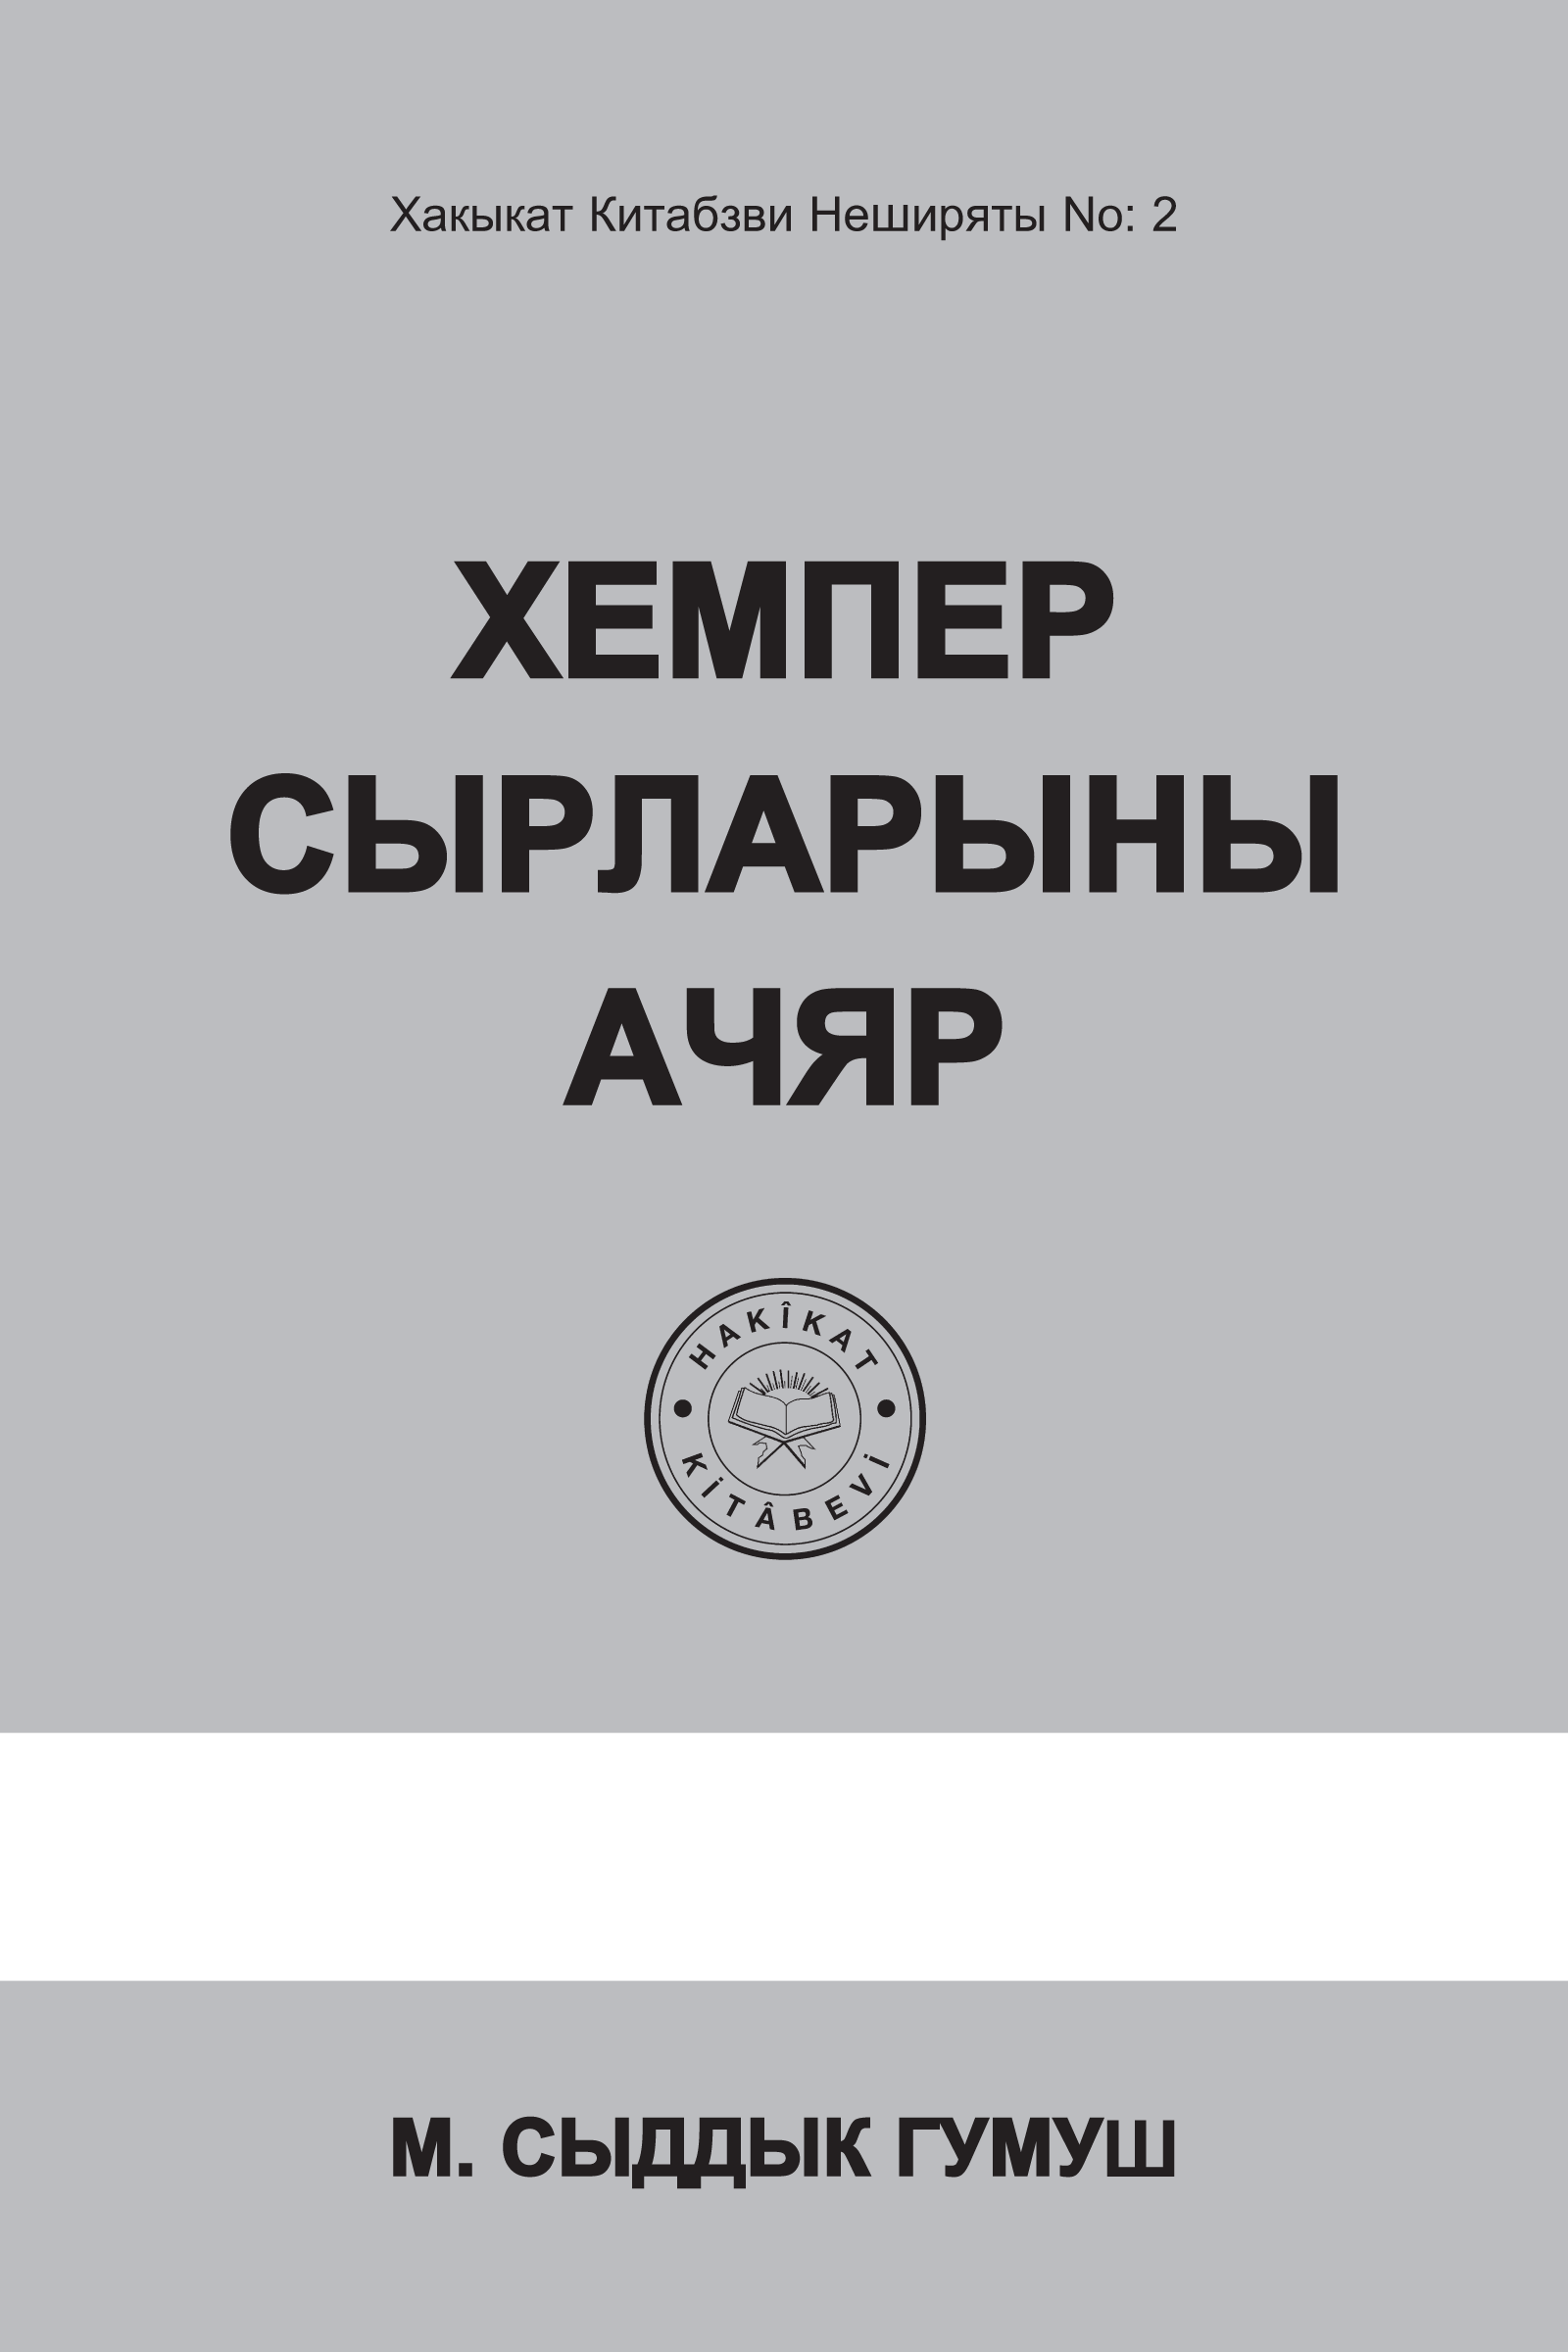 ХЕМПЕР СЫРЛАРЫНЫ АЧЯР